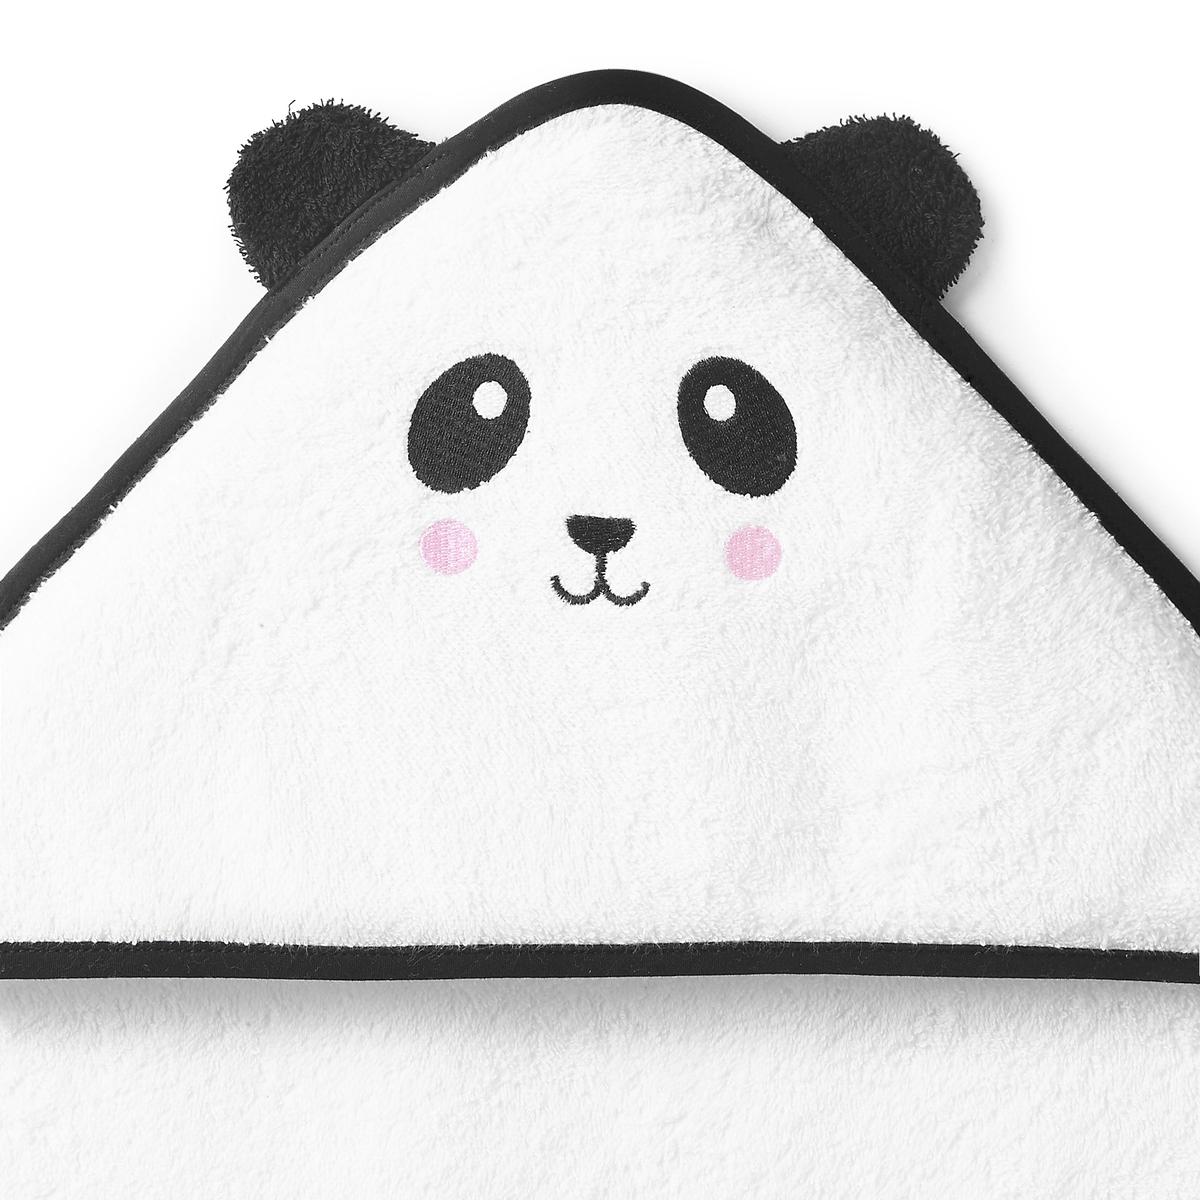 Накидка для ванной с капюшоном детская LEOОписание:Накидка для ванной с капюшоном из махровой ткани 100 % хлопок 400 г/м?, с вышивкой, маленький панда LEO. Такая хорошенькая со своими маленькими ушками, эта мягкая и пушистая накидка отлично подойдет для укутывания наших малышей! Красивая идея подарка!Характеристики накидки панда LEO:Махровая ткань 100 % хлопок 400 г/м?.Капюшон с контрастными ушками и вышивкой панда.Внутрення часть капюшона на подкладке.Отделка контрастной каймой.2 размера на выбор: 70 x 70 см - 100 x 100 см Простой уход.Машинная стирка при 60° С.Знак Oeko-Tex® гарантирует, что товары прошли проверку и были изготовлены без применения вредных для здоровья человека веществ. Найдите весь комплект махровых изделий для детей на сайте  laredoute.ru Размеры:   70 x 70 см 100 x 100 см<br><br>Цвет: белый